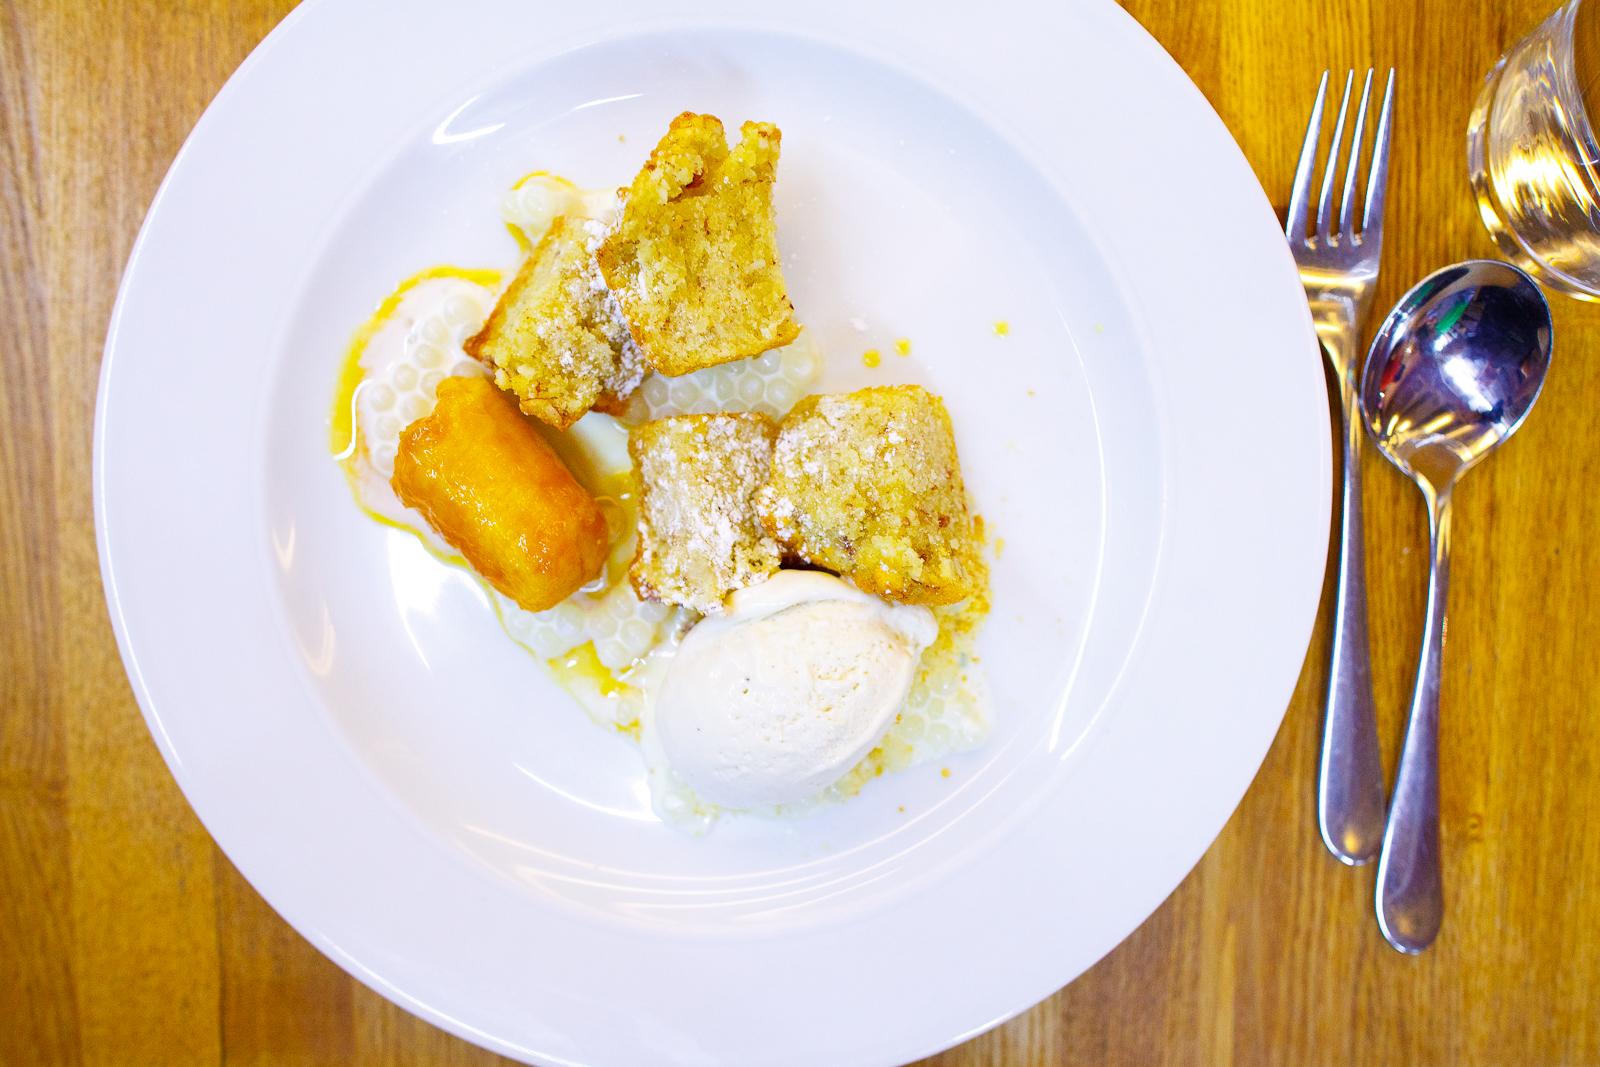 Pastelito de almendra, tapioca, plátano en dulce y helado de plátano (almond cake, tapioca, caramelized banana, and banana ice cream) (98 MXP).jpg